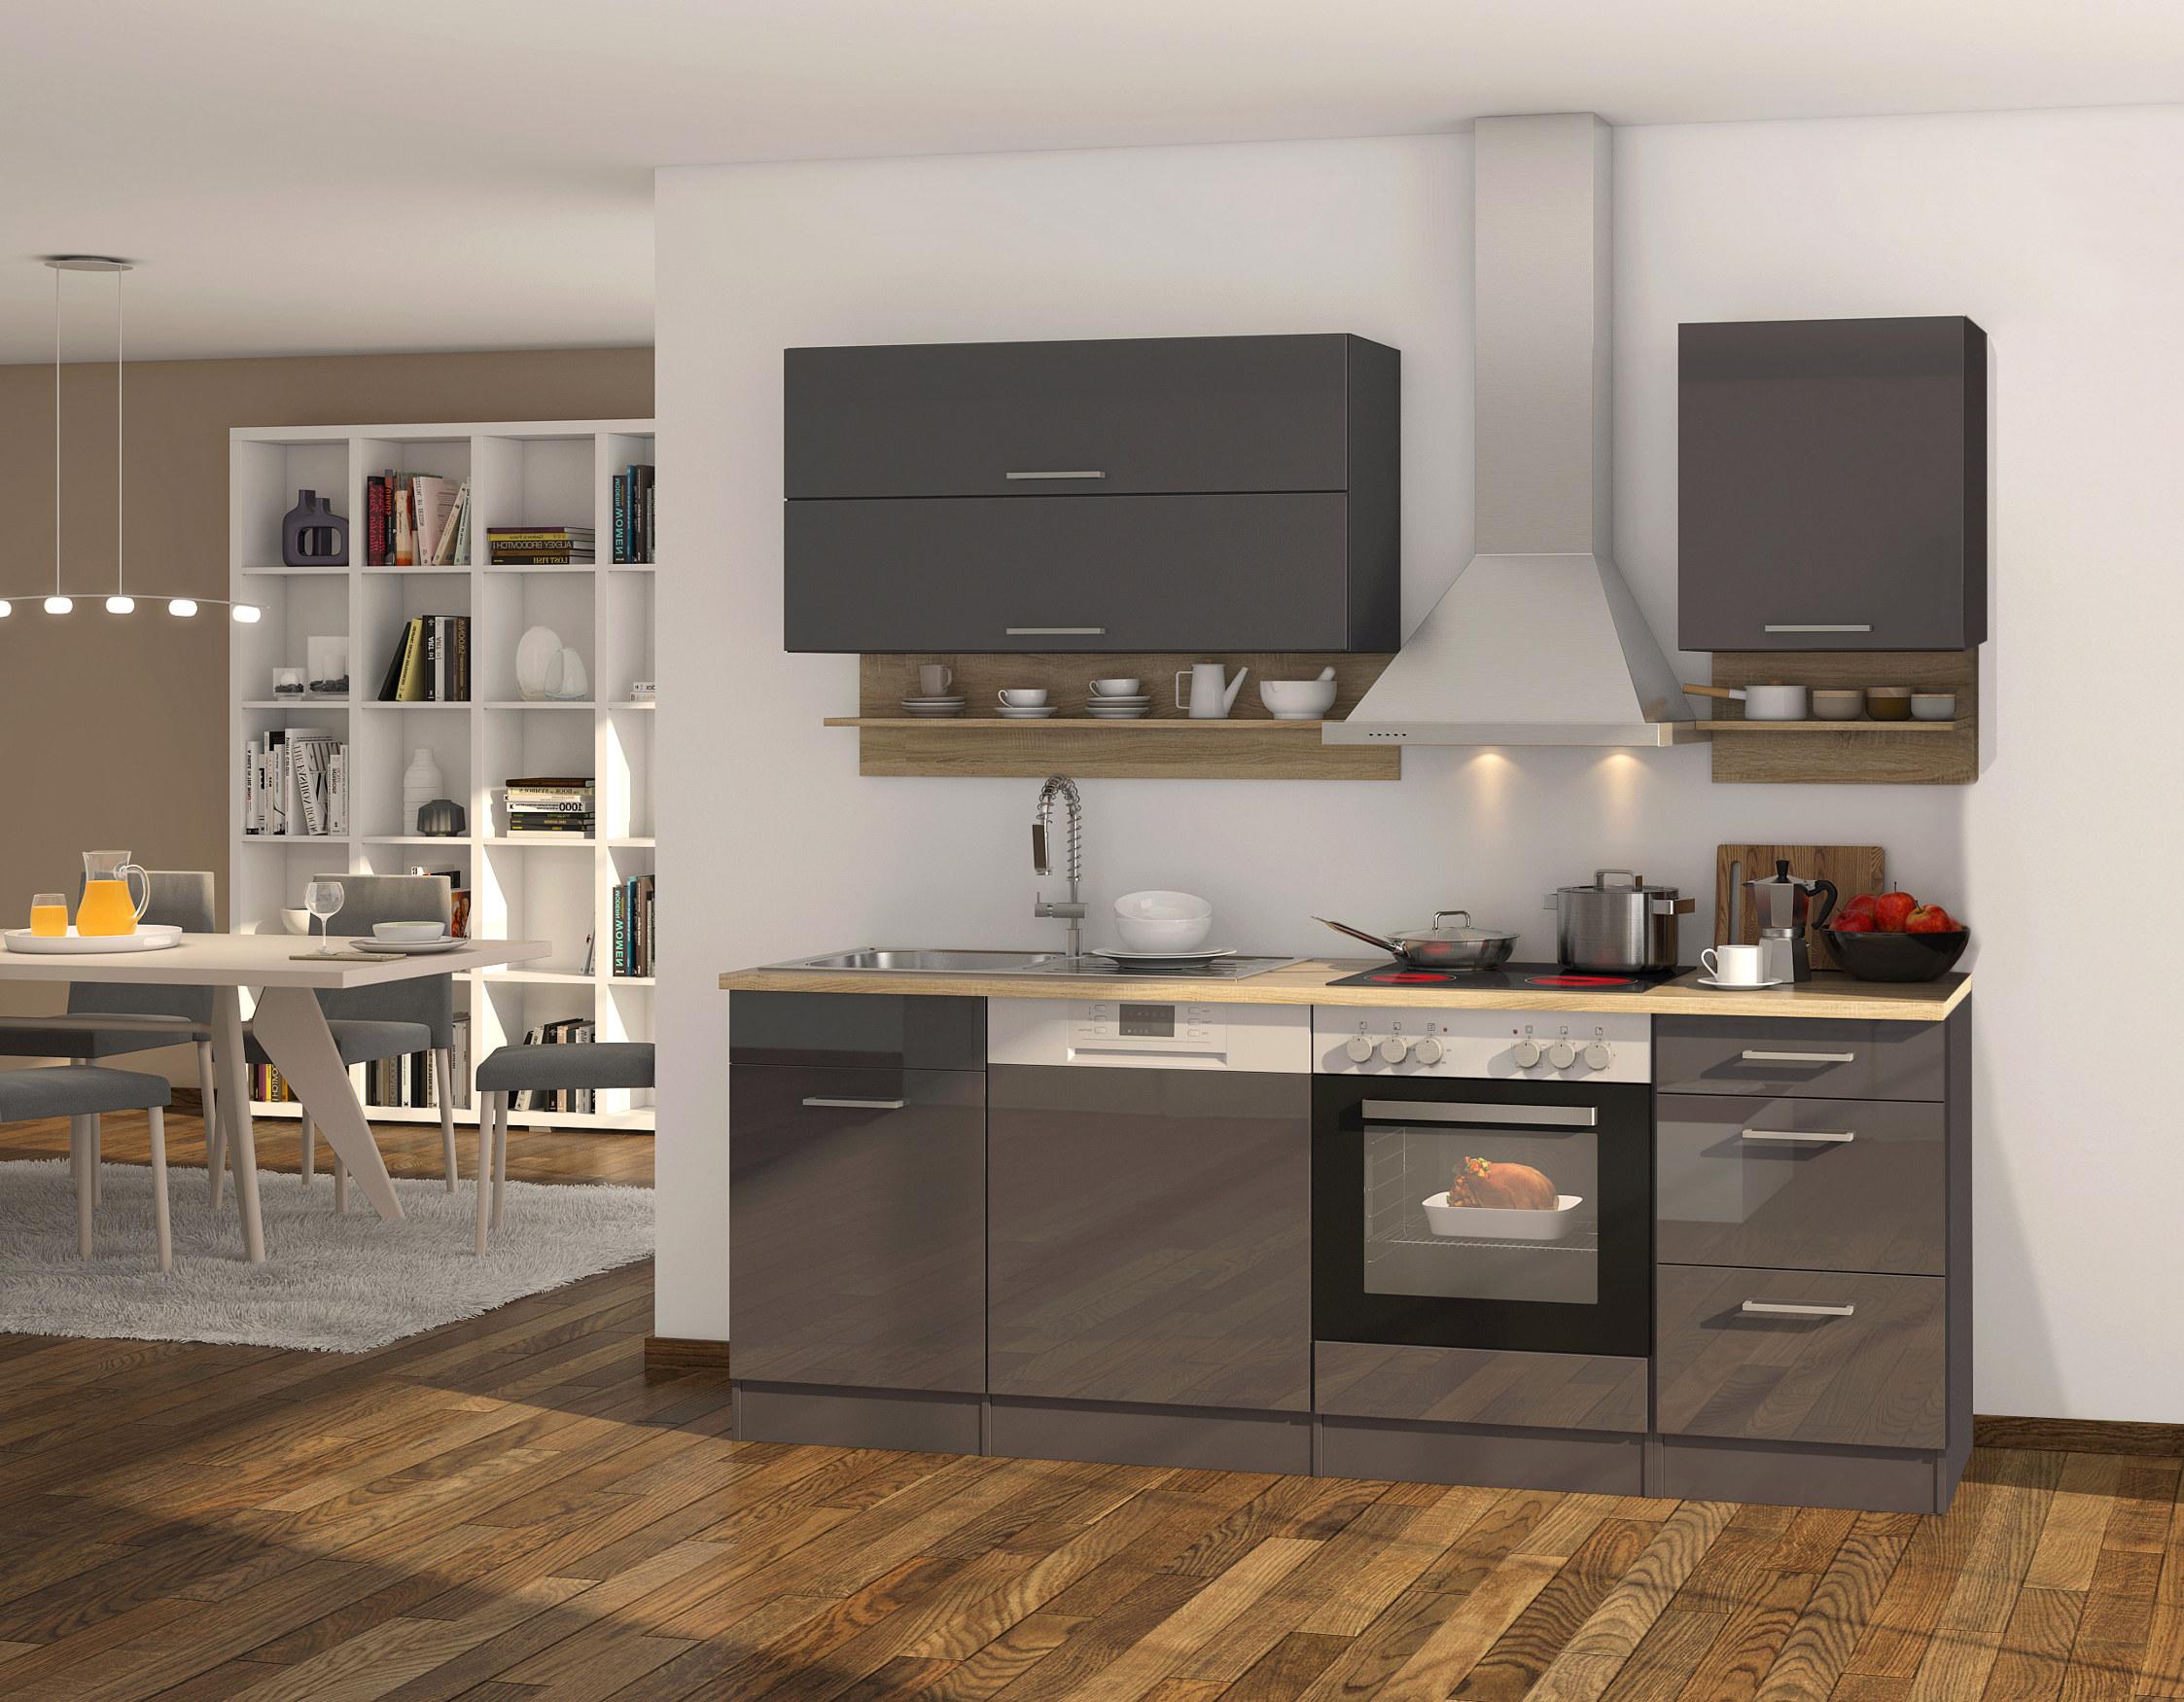 Full Size of Einbauküchen Mit Elektrogeräten L Form Einbauküche Mit Elektrogeräten Kaufen Einbauküche Mit Elektrogeräten Günstig Kaufen Einbauküche Mit Elektrogeräten Ikea Küche Einbauküche Mit Elektrogeräten